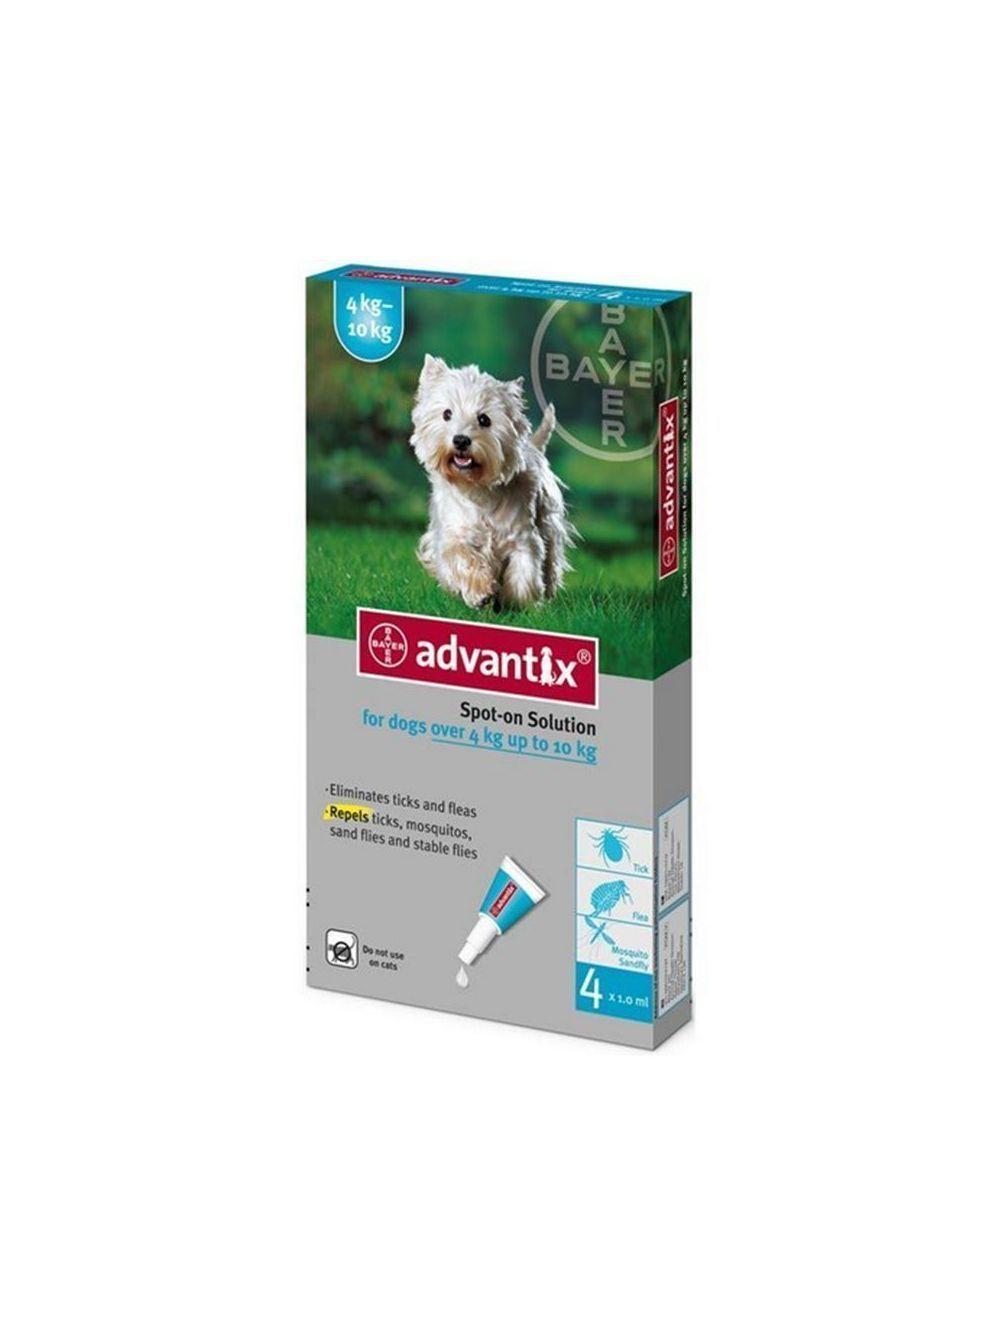 Advantix Pipeta para Perros de más de 4 kg hasta 10 kg - P80